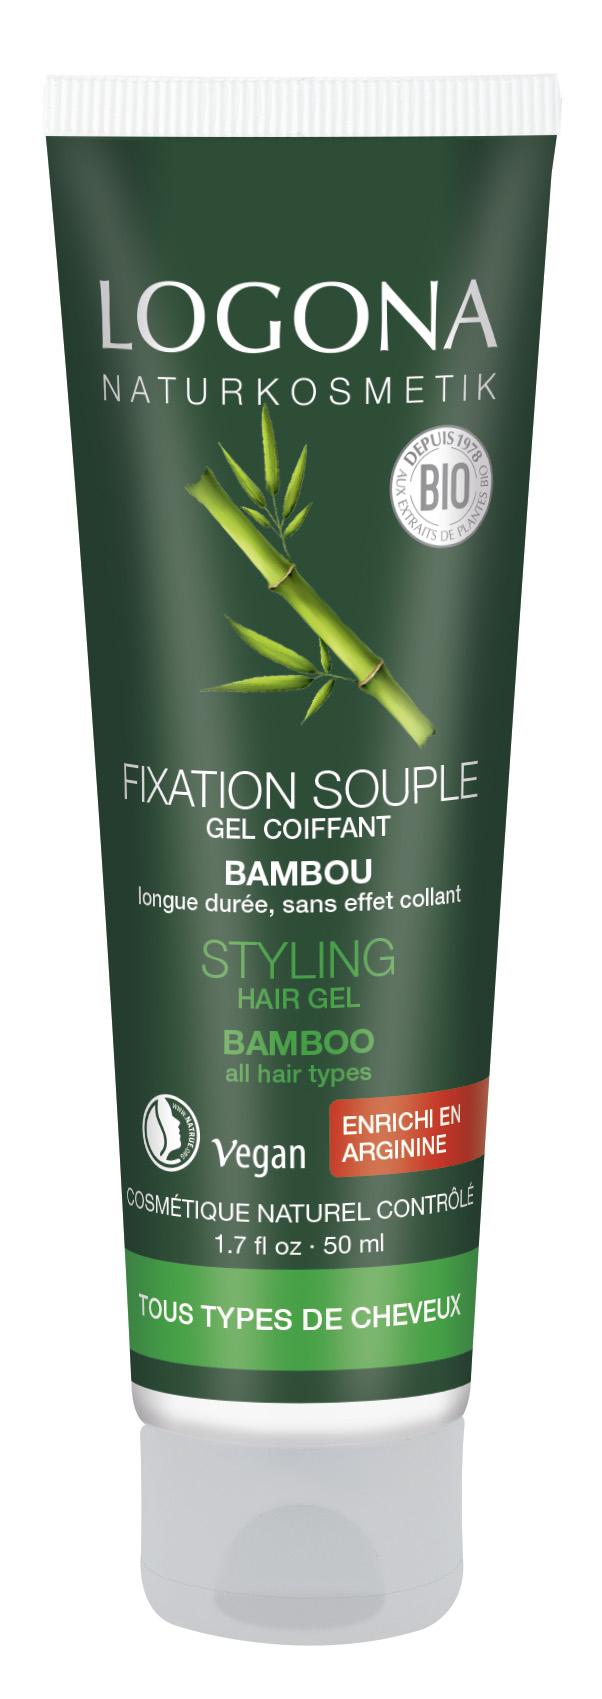 Juuksegeel Bambus Logona, 50 ml